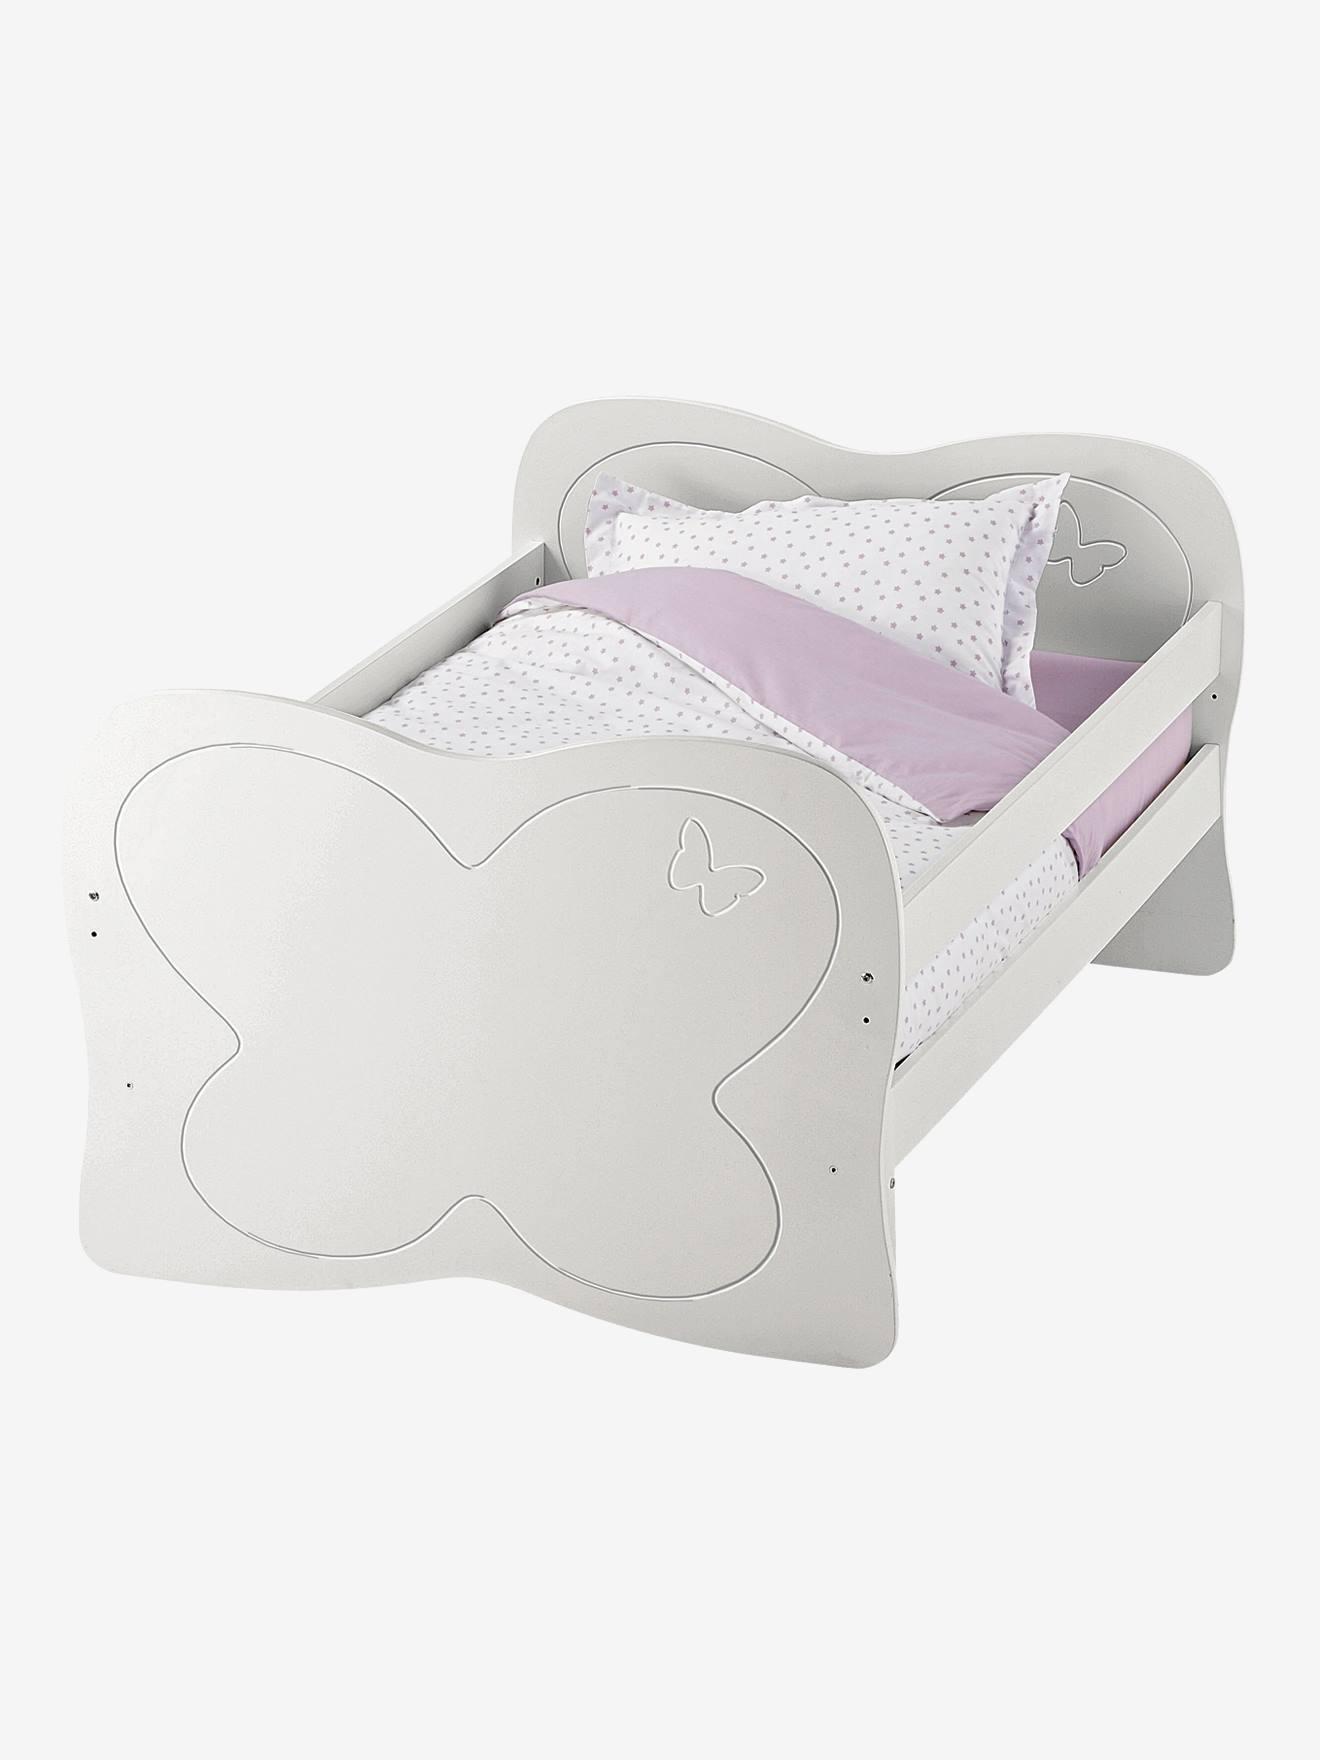 lit evolutif but lit evolutif enfants lit evolutif alinea. Black Bedroom Furniture Sets. Home Design Ideas